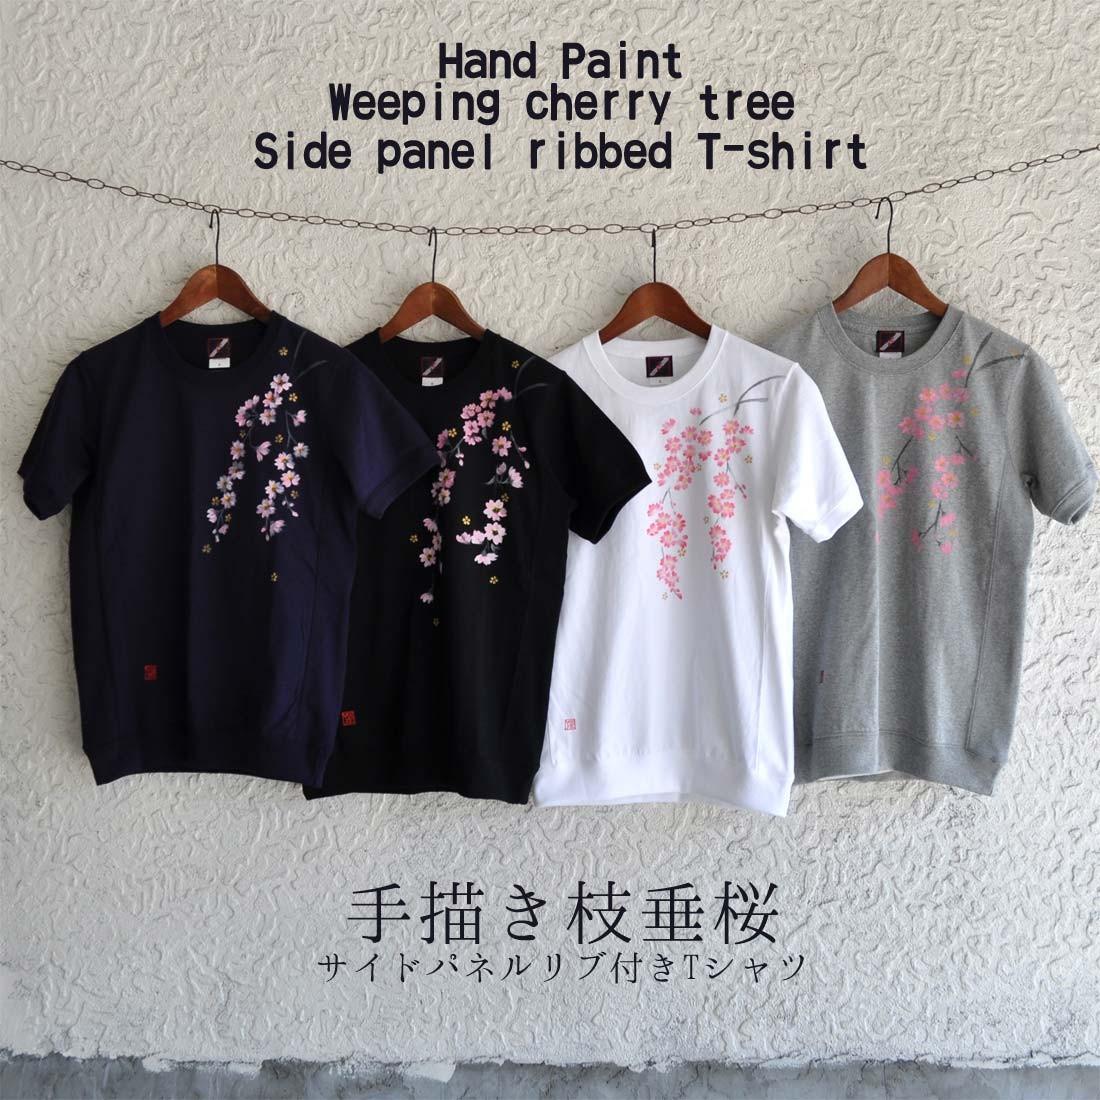 和柄 Tシャツ メンズ 半袖 枝垂れ桜柄スーパーヘヴィーウェイト サイドパネルリブ付きTシャツ